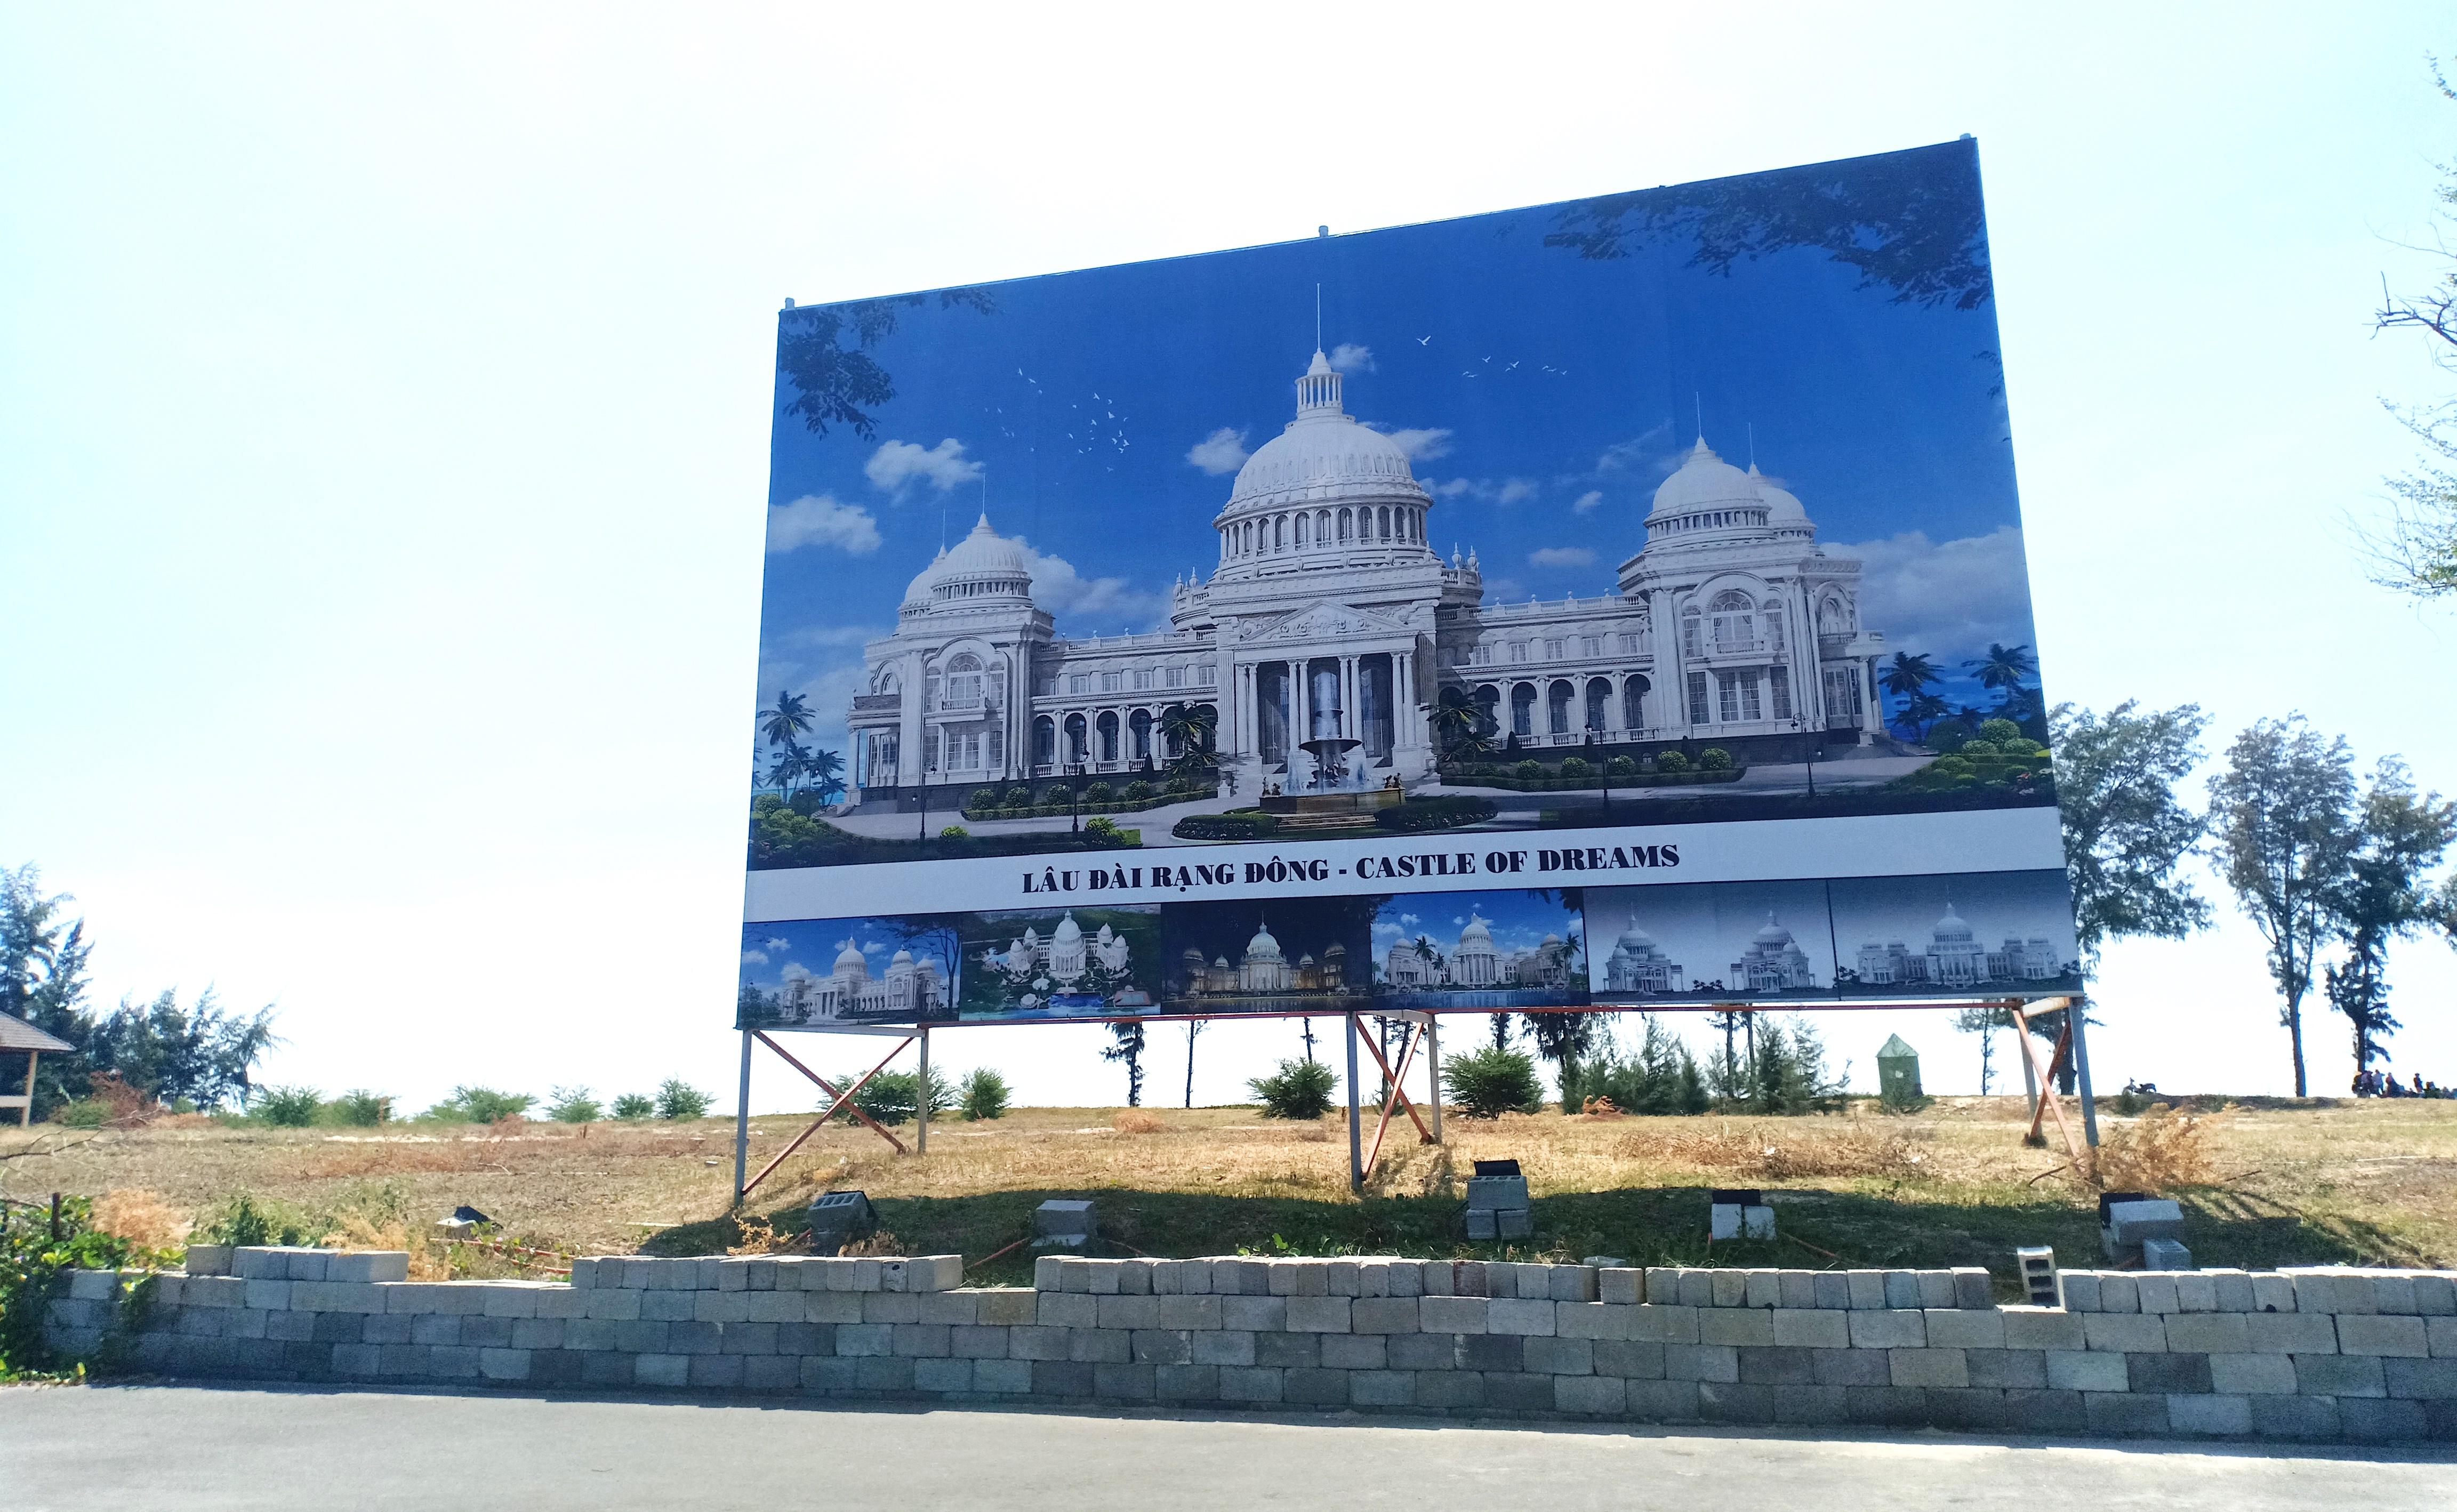 Đại gia tỉnh lẻ nhìn từ ông chủ sân golf Phan Thiết - Ảnh 9.